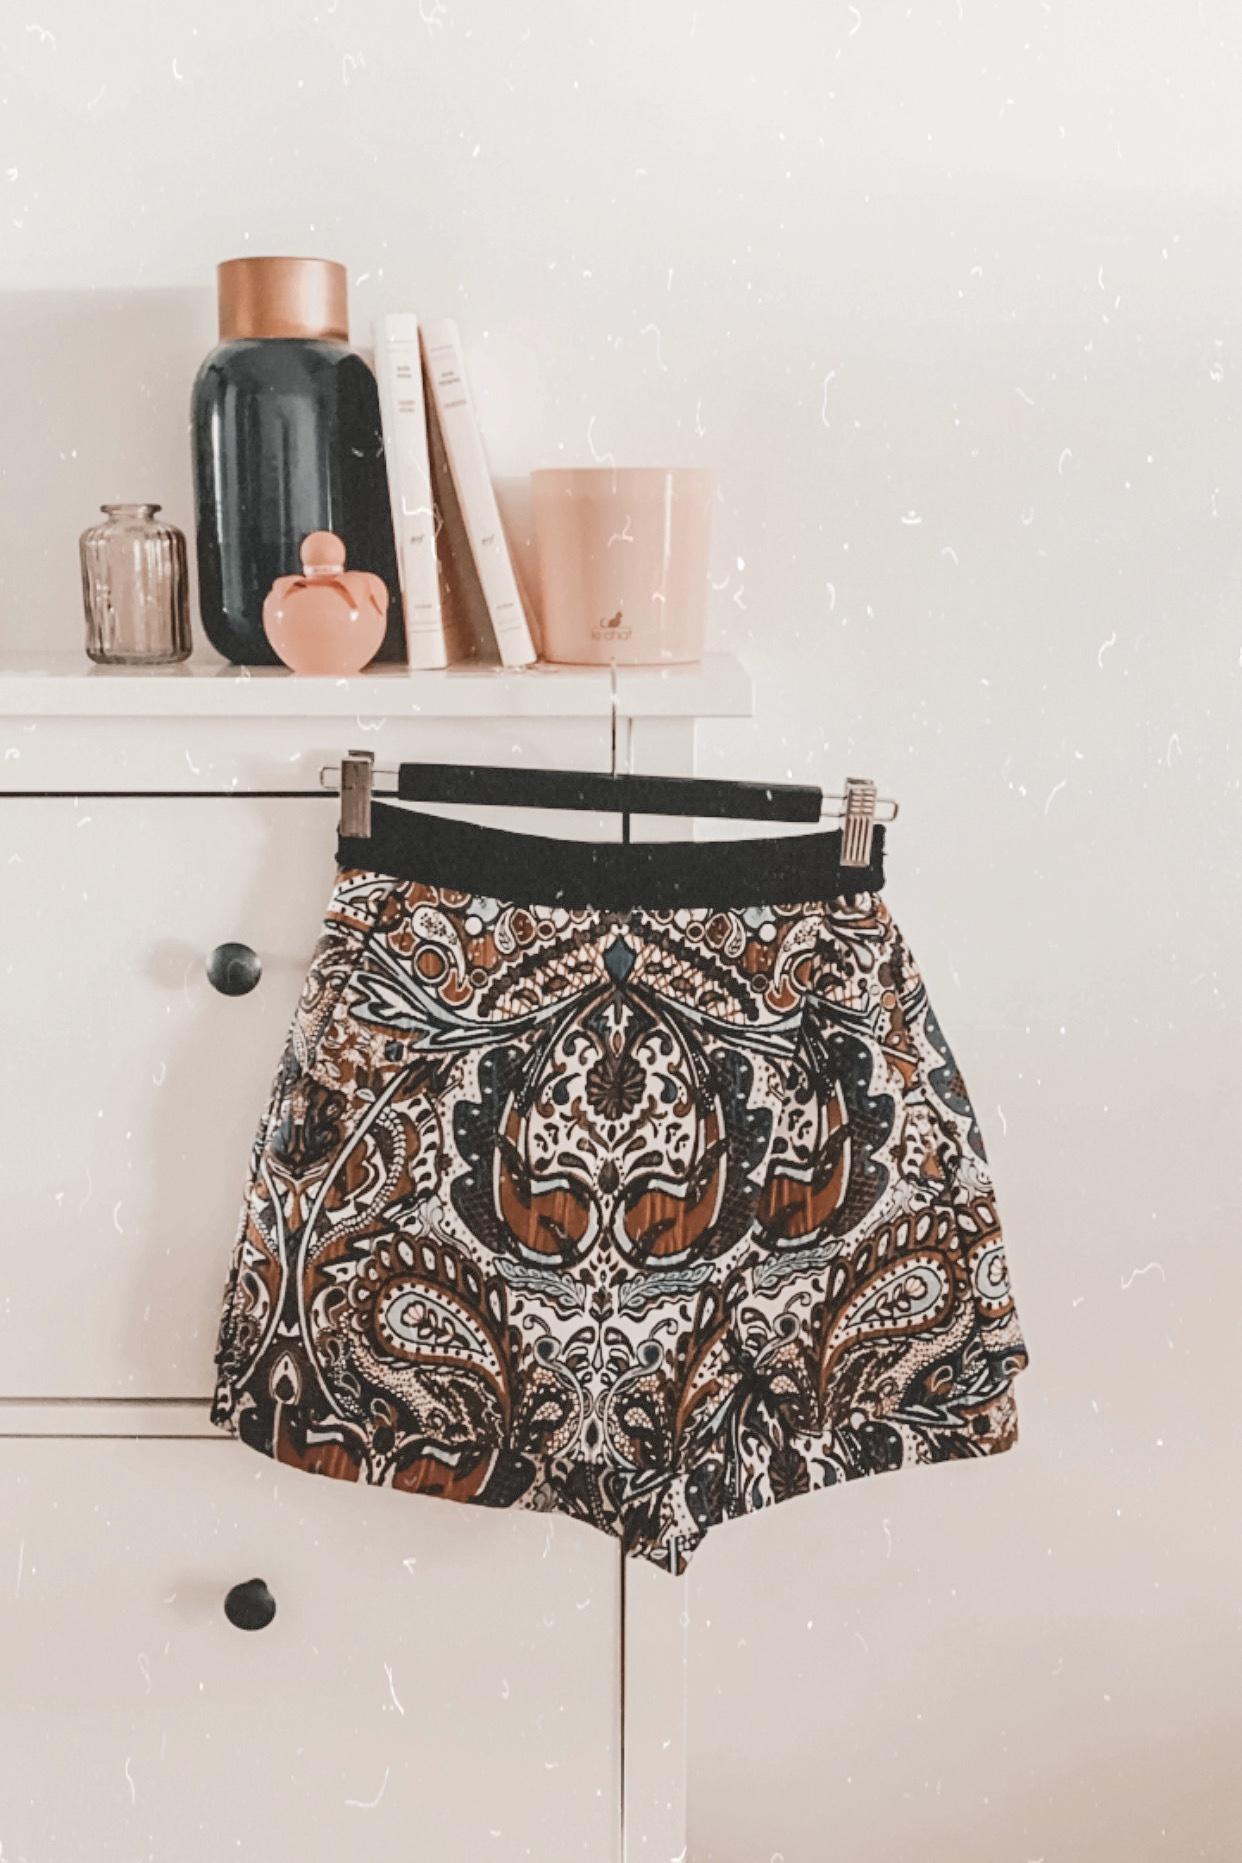 Coup de coeur maje Vinted - Blog Mangue Poudrée - Blog Mode et lifestyle à reims Influenceuse